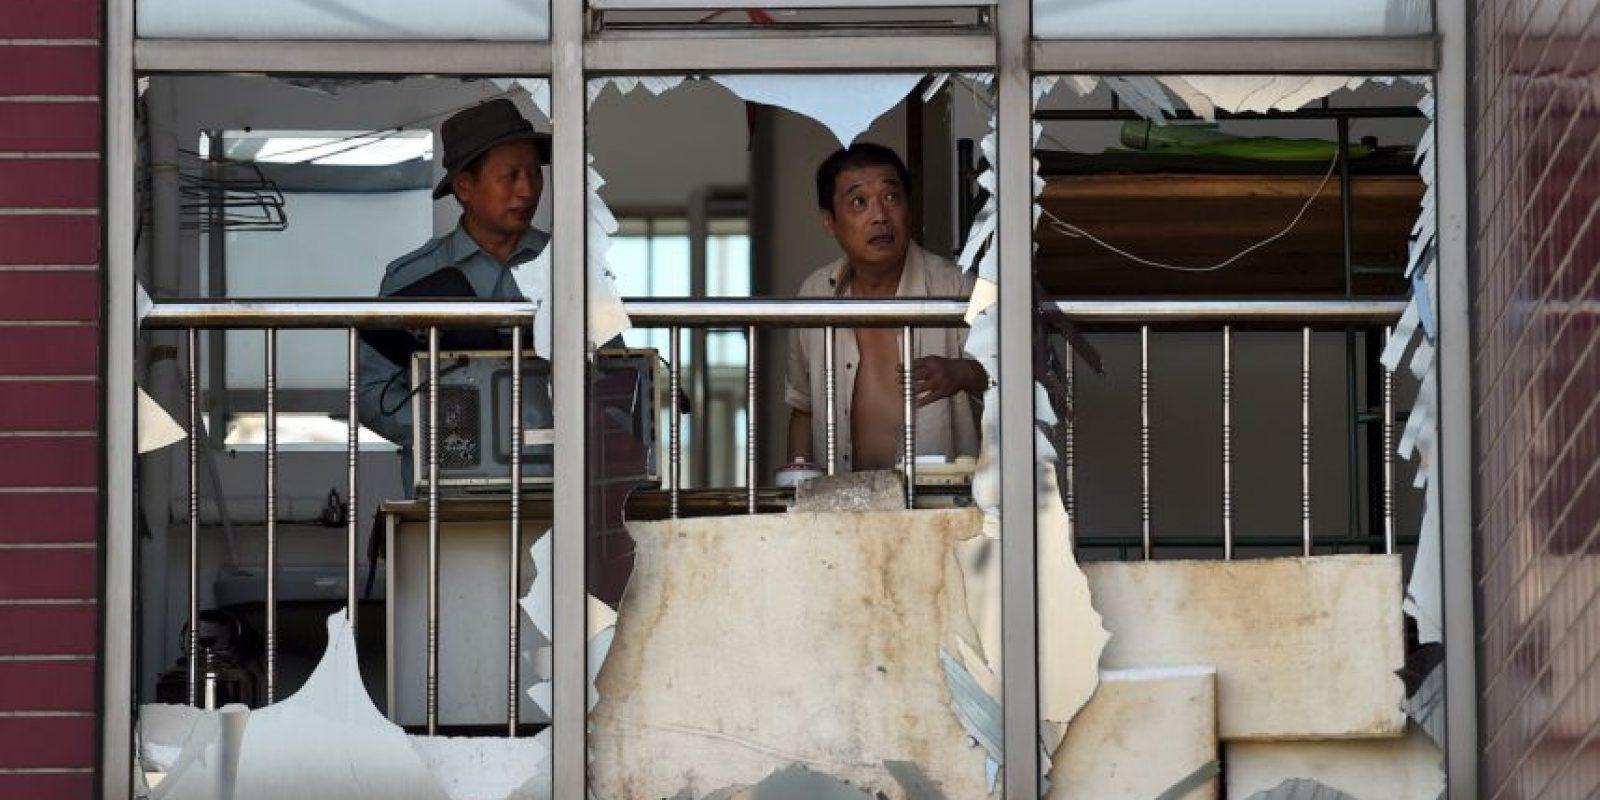 Más de 6 mil personas continúan evacuadas tras el accidente, según el Ayuntamiento de Tianjin Foto:AFP